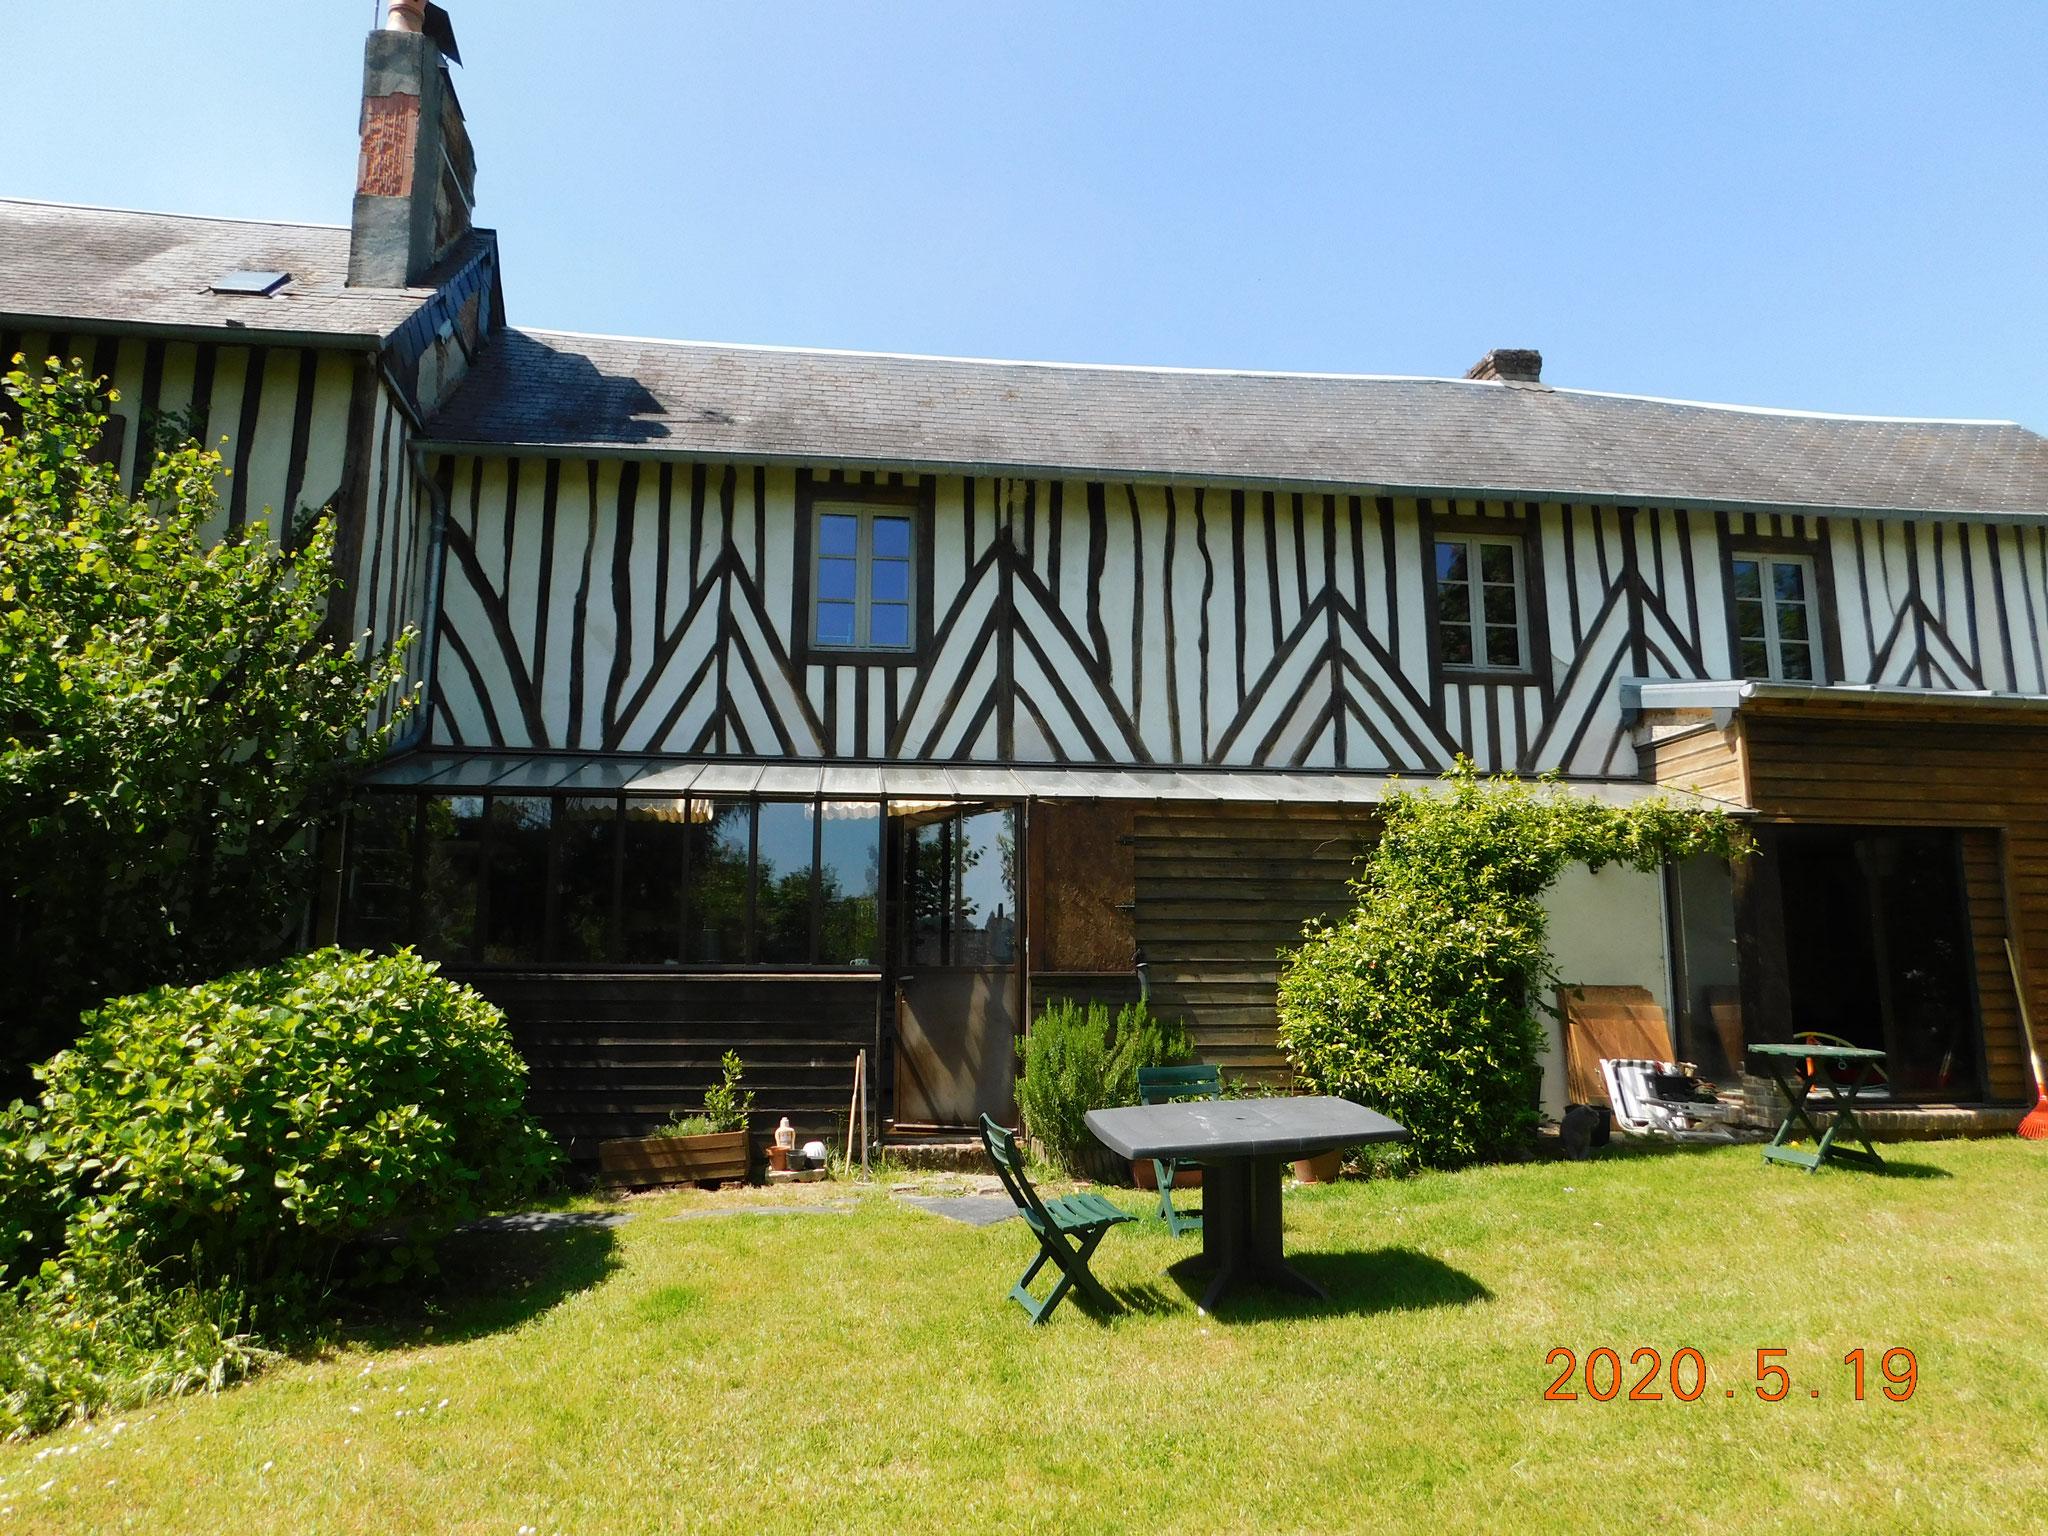 Maison à colombage (Calvados) : expertise fissuration et structure / enduits